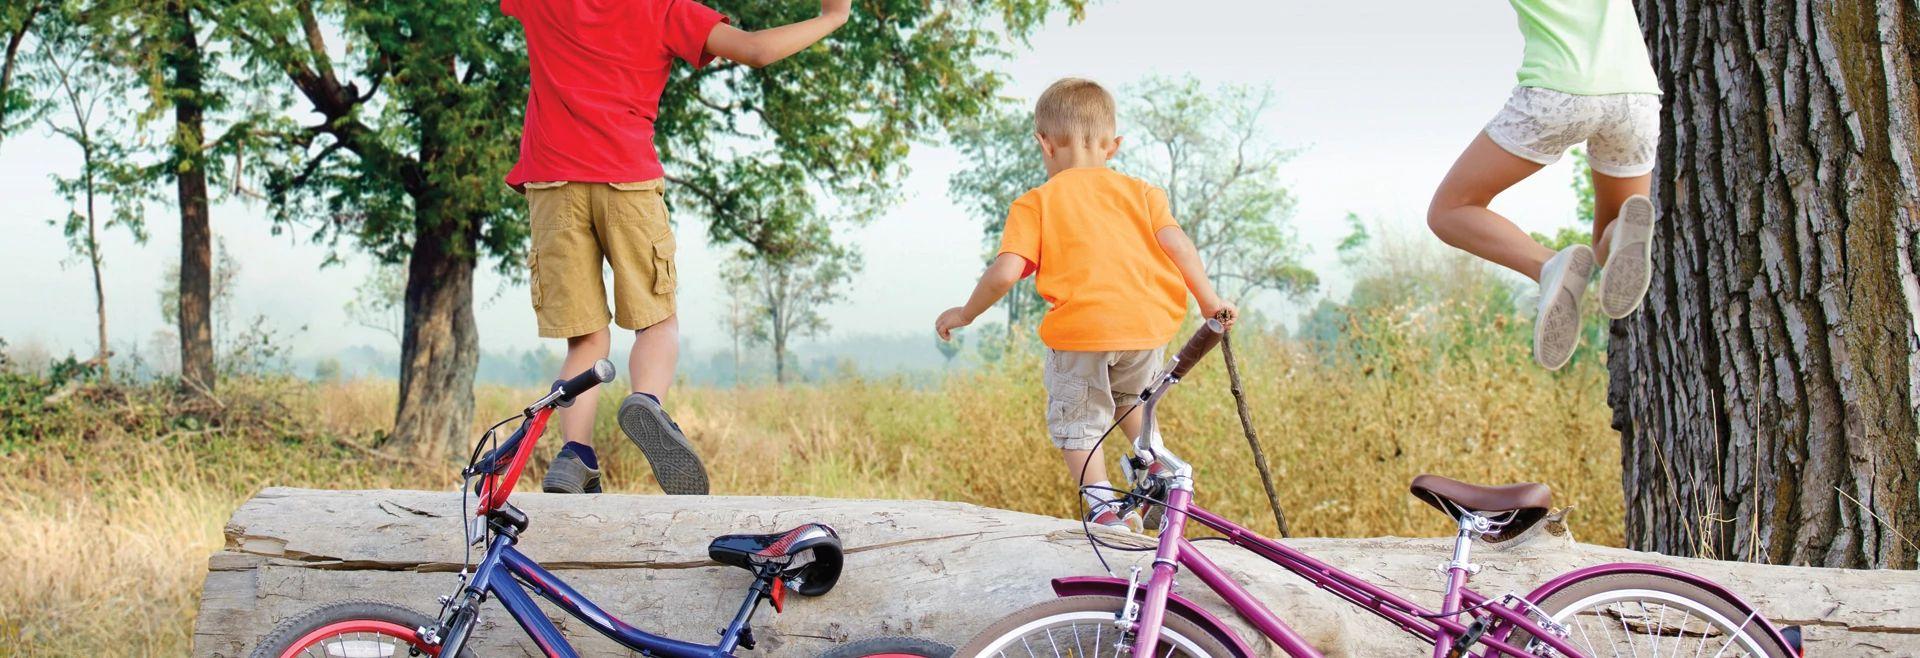 Solstice Lifestyle Summer Kids Bikes